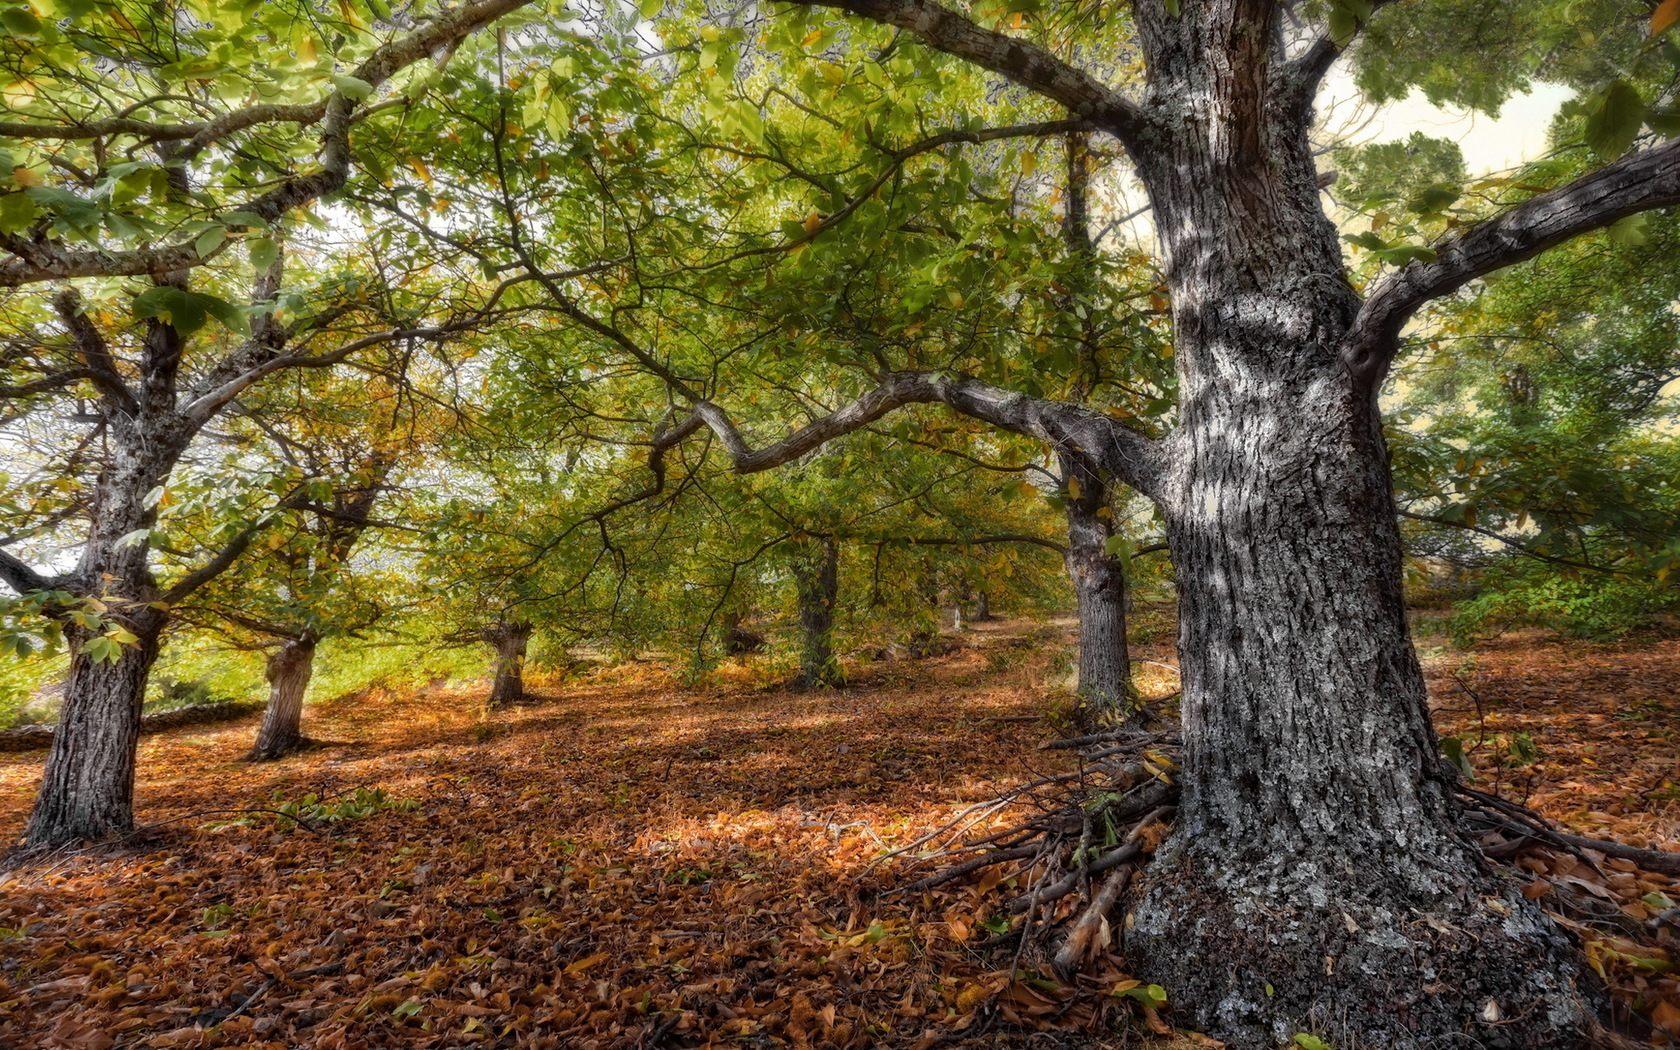 3d Forest Wallpaper Backgrounds Oak Tree Wallpaper Green Hd Desktop Wallpapers 4k Hd